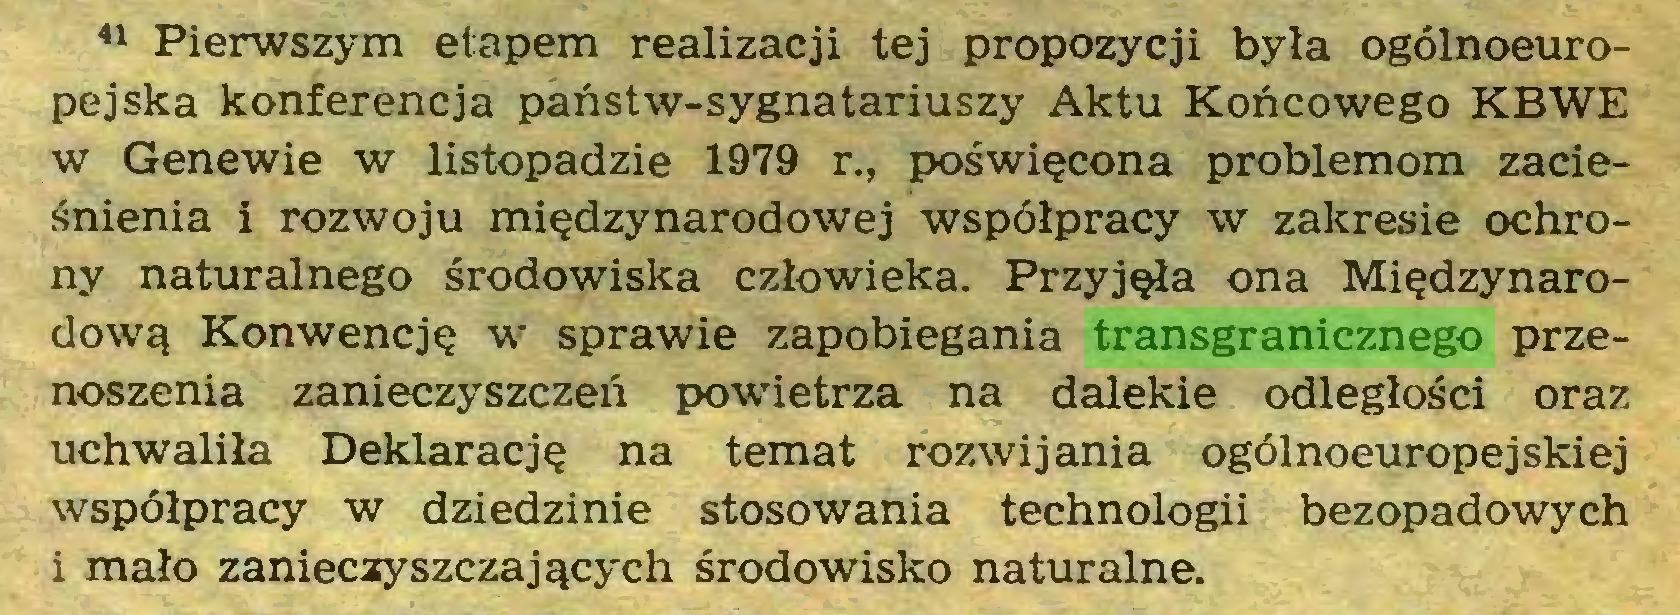 (...) 41 Pierwszym etapem realizacji tej propozycji byla ogölnoeuropejska konferencja panstw-sygnatariuszy Aktu Koncowego KBWE w Genewie w listopadzie 1979 r., poswi^cona problemom zaciesnienia i rozwoju mi^dzynarodowej wspölpracy w zakresie ochrony naturalnego srodowiska czlowieka. PrzyjQla ona Migdzynarodowq Konwencjc w sprawie zapobiegania transgranicznego przenoszenia zanieczyszczen powietrza na dalekie odleglosci oraz uchwalila Deklaracjc na temat rozwijania ogölnoeuropejskiej wspölpracy w dziedzinie stosowania technologii bezopadowych i malo zanieczyszczaj^cych srodowisko naturalne...